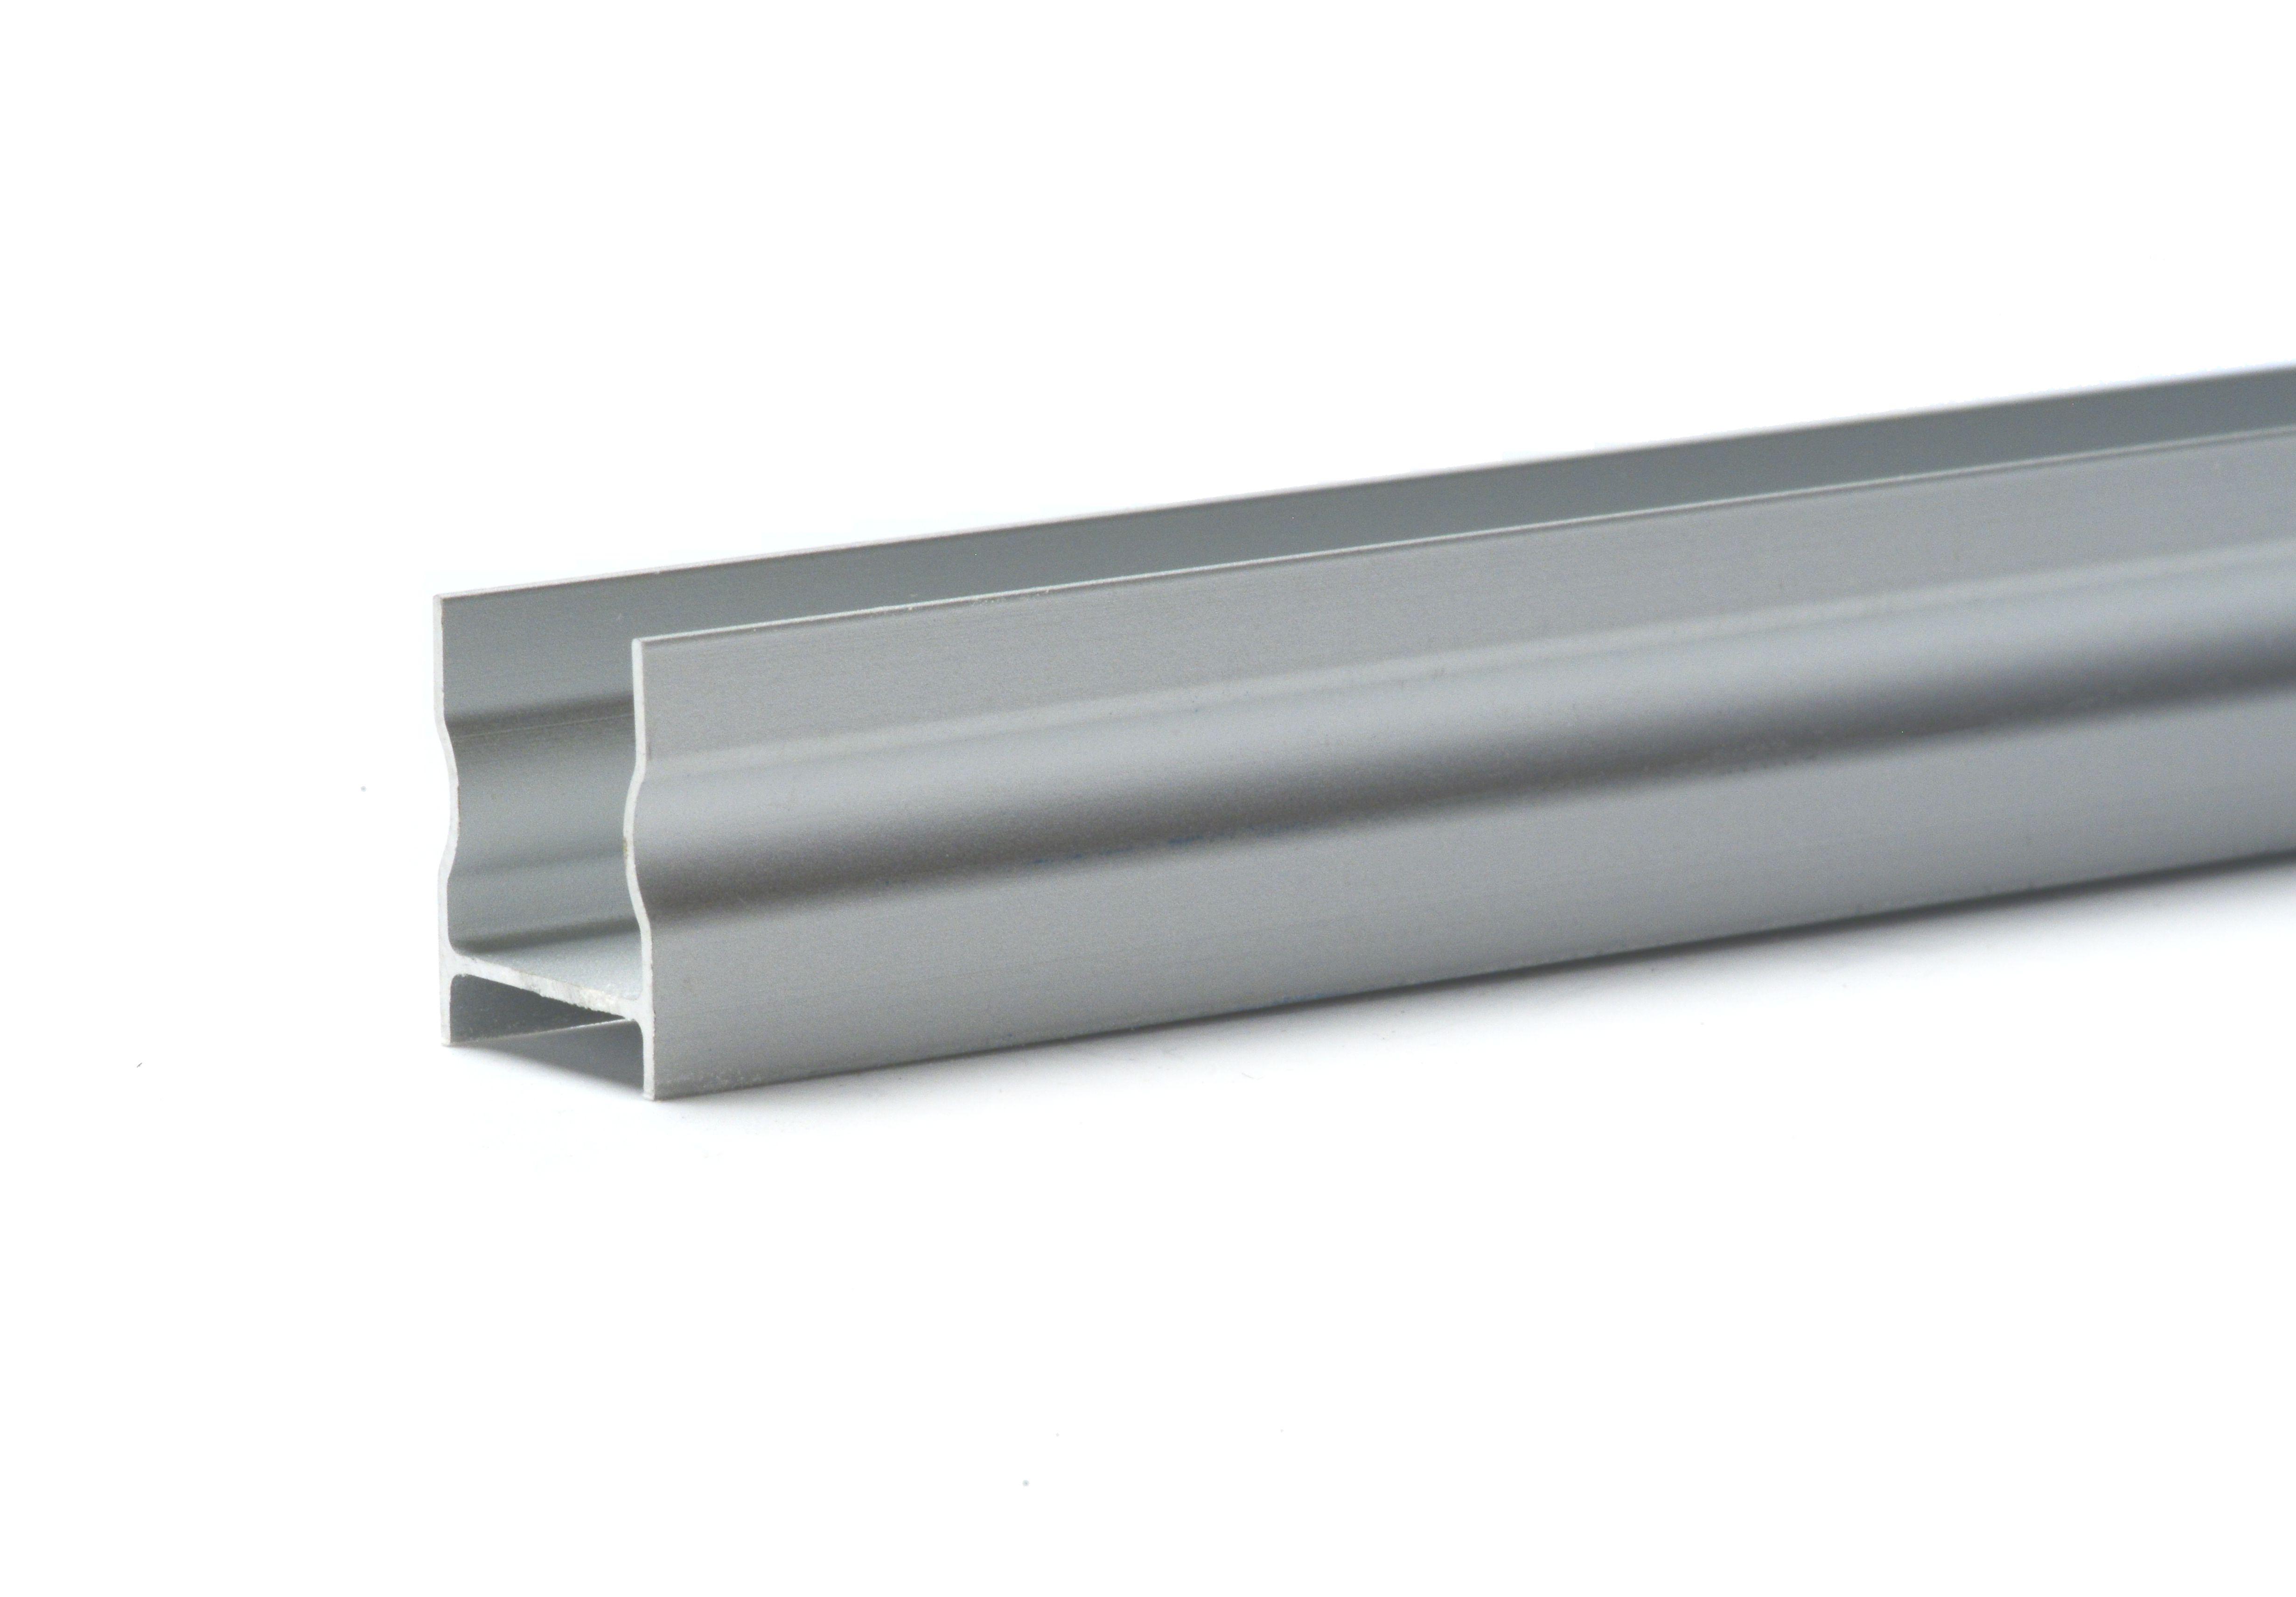 QolorFLEX NuNeon Aluminum Extrusion, 2m